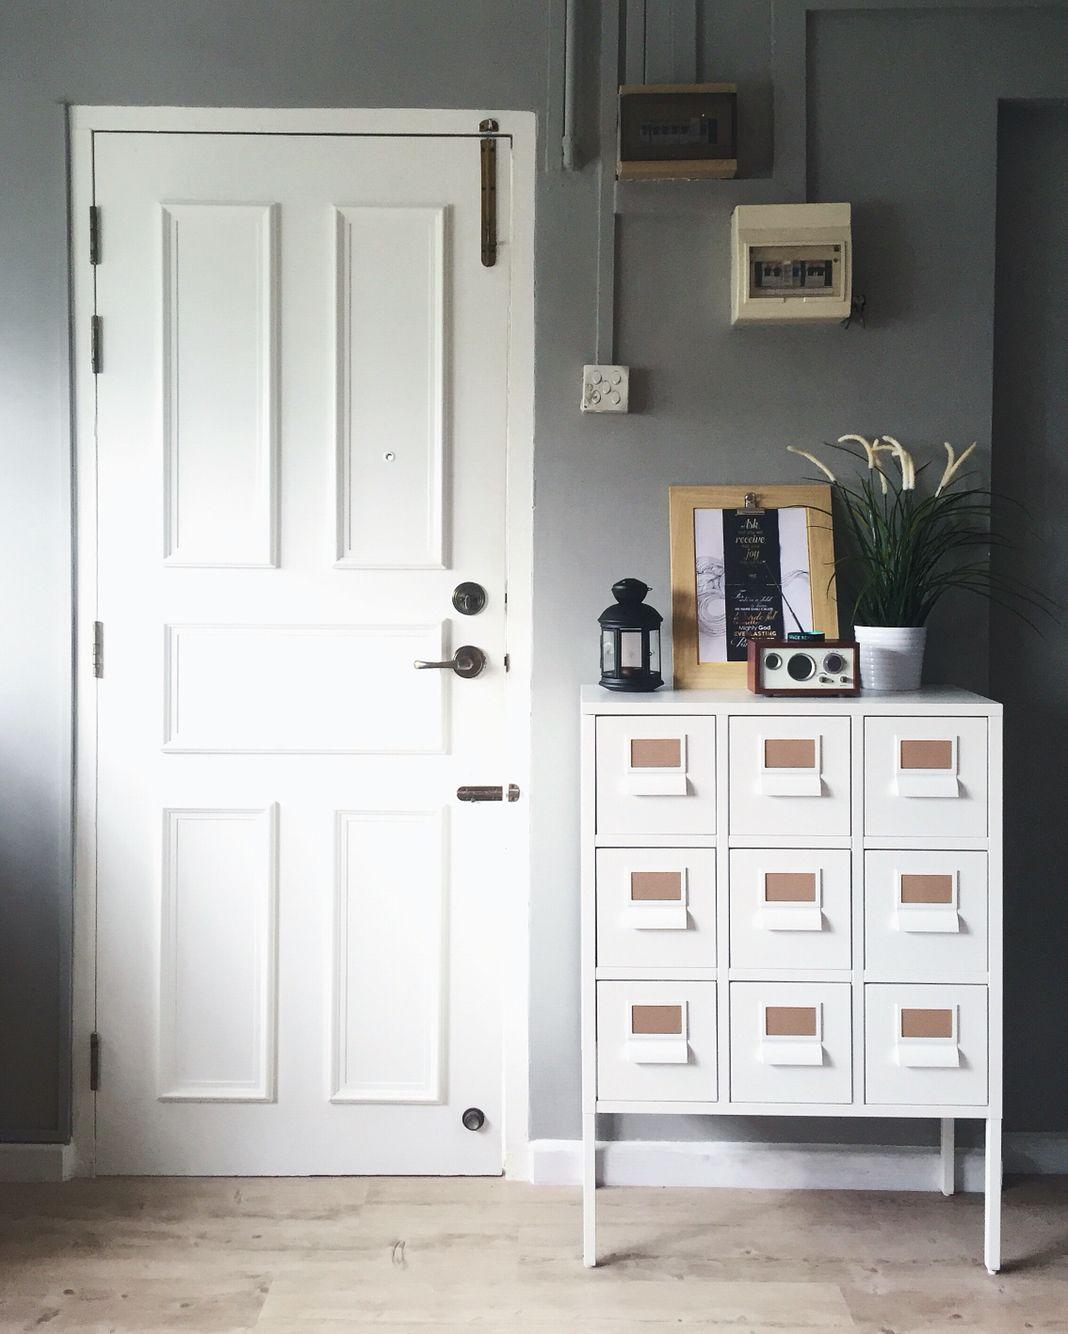 die besten 25 ikea neu ideen auf pinterest wohnungseinrichtung neu. Black Bedroom Furniture Sets. Home Design Ideas